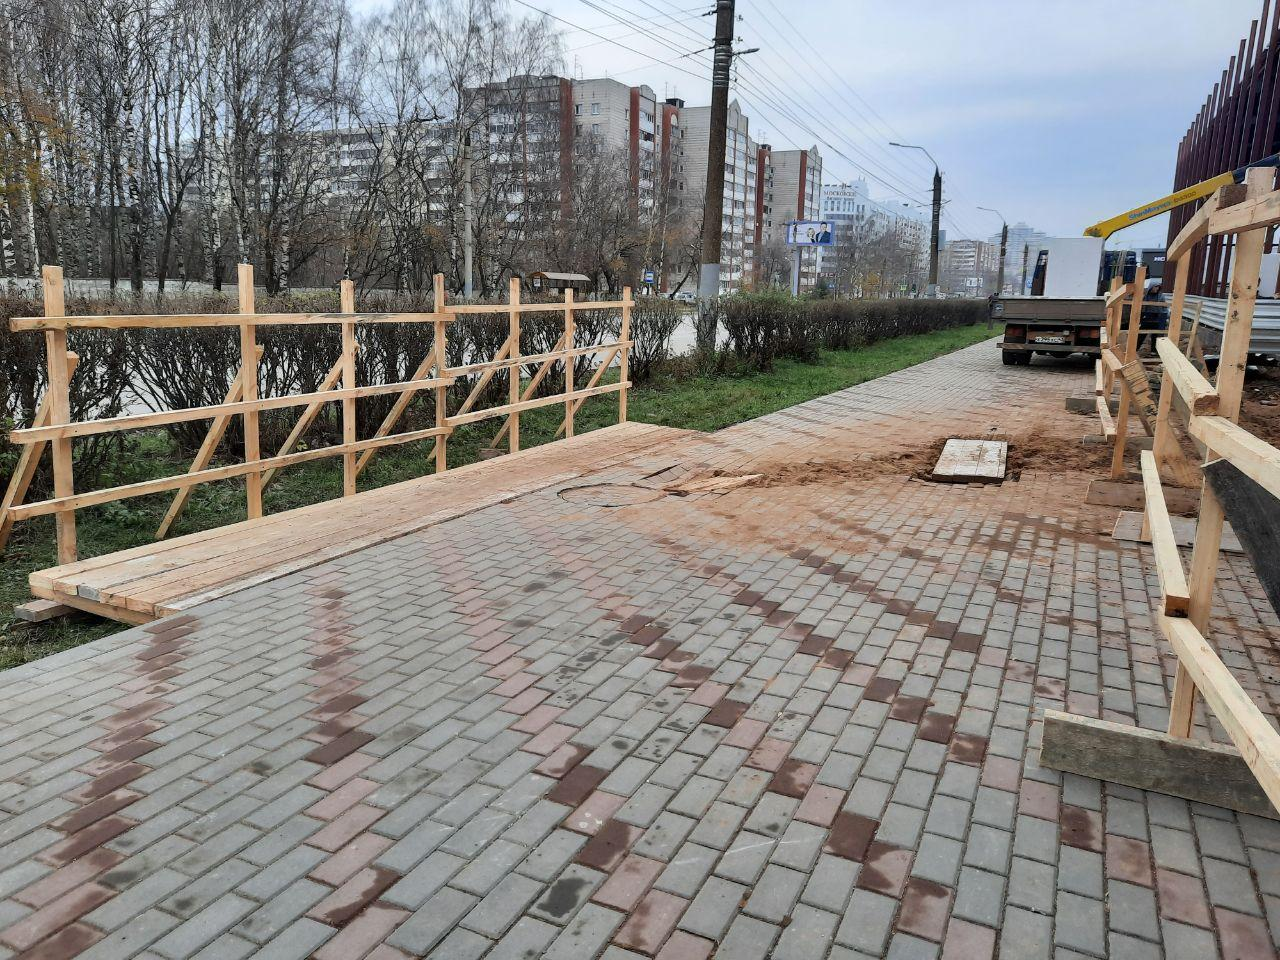 Раскопки продолжаются: новый автосалон испортил свежий тротуар